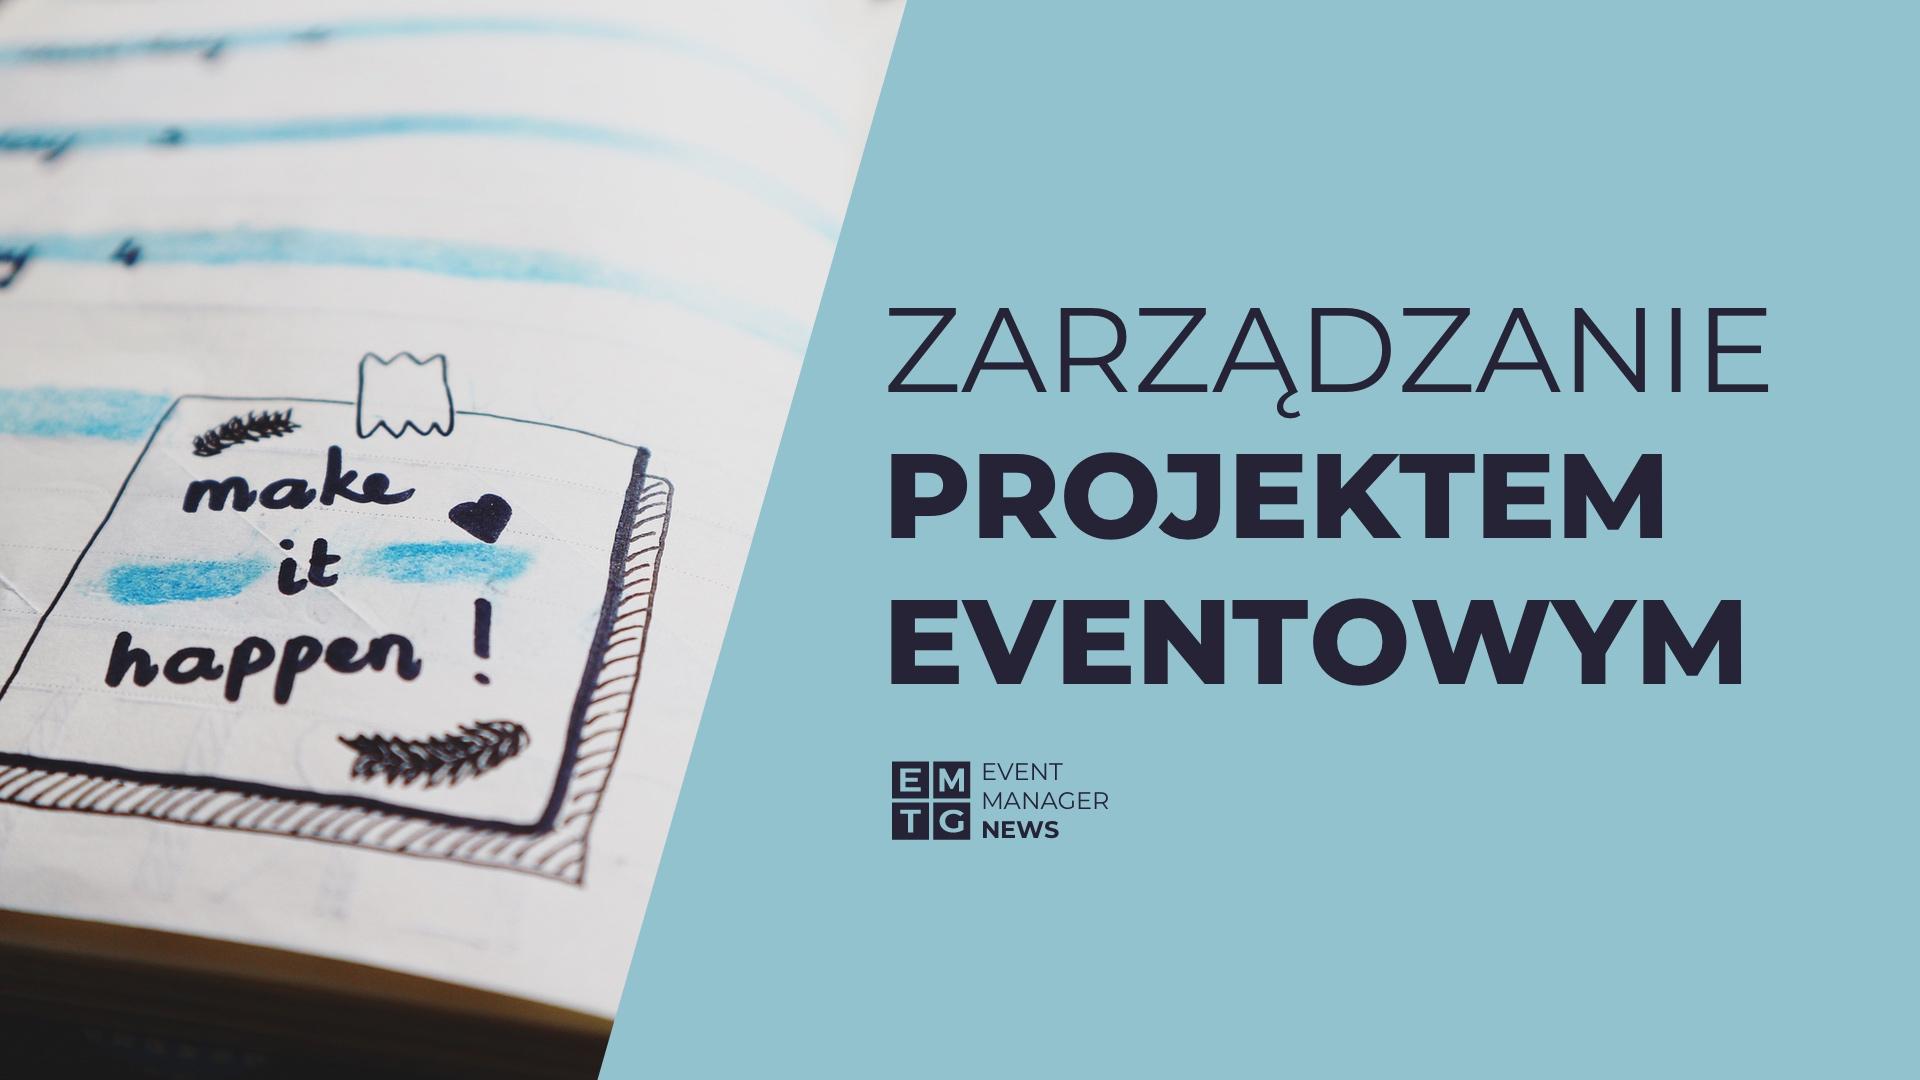 Zarządzanie projektem eventowym